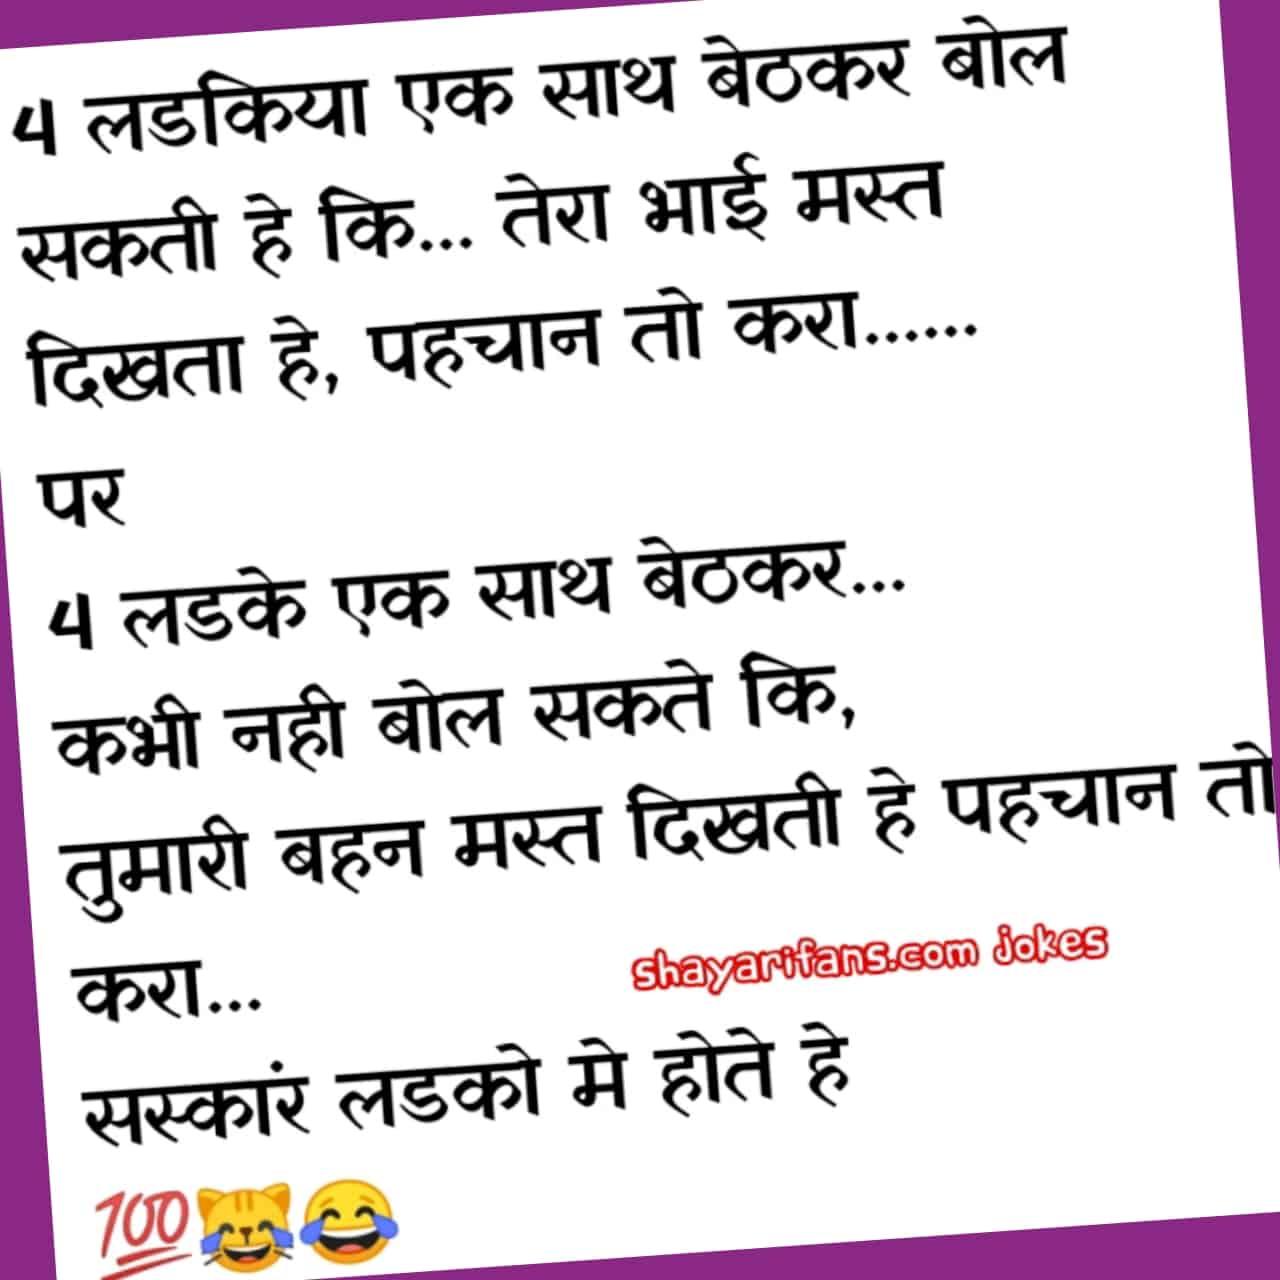 Jokes in hindi for whatsapp Part 5  |  लडकिया एक साथ बेठकर बोल सकती हे.... Shayarifans